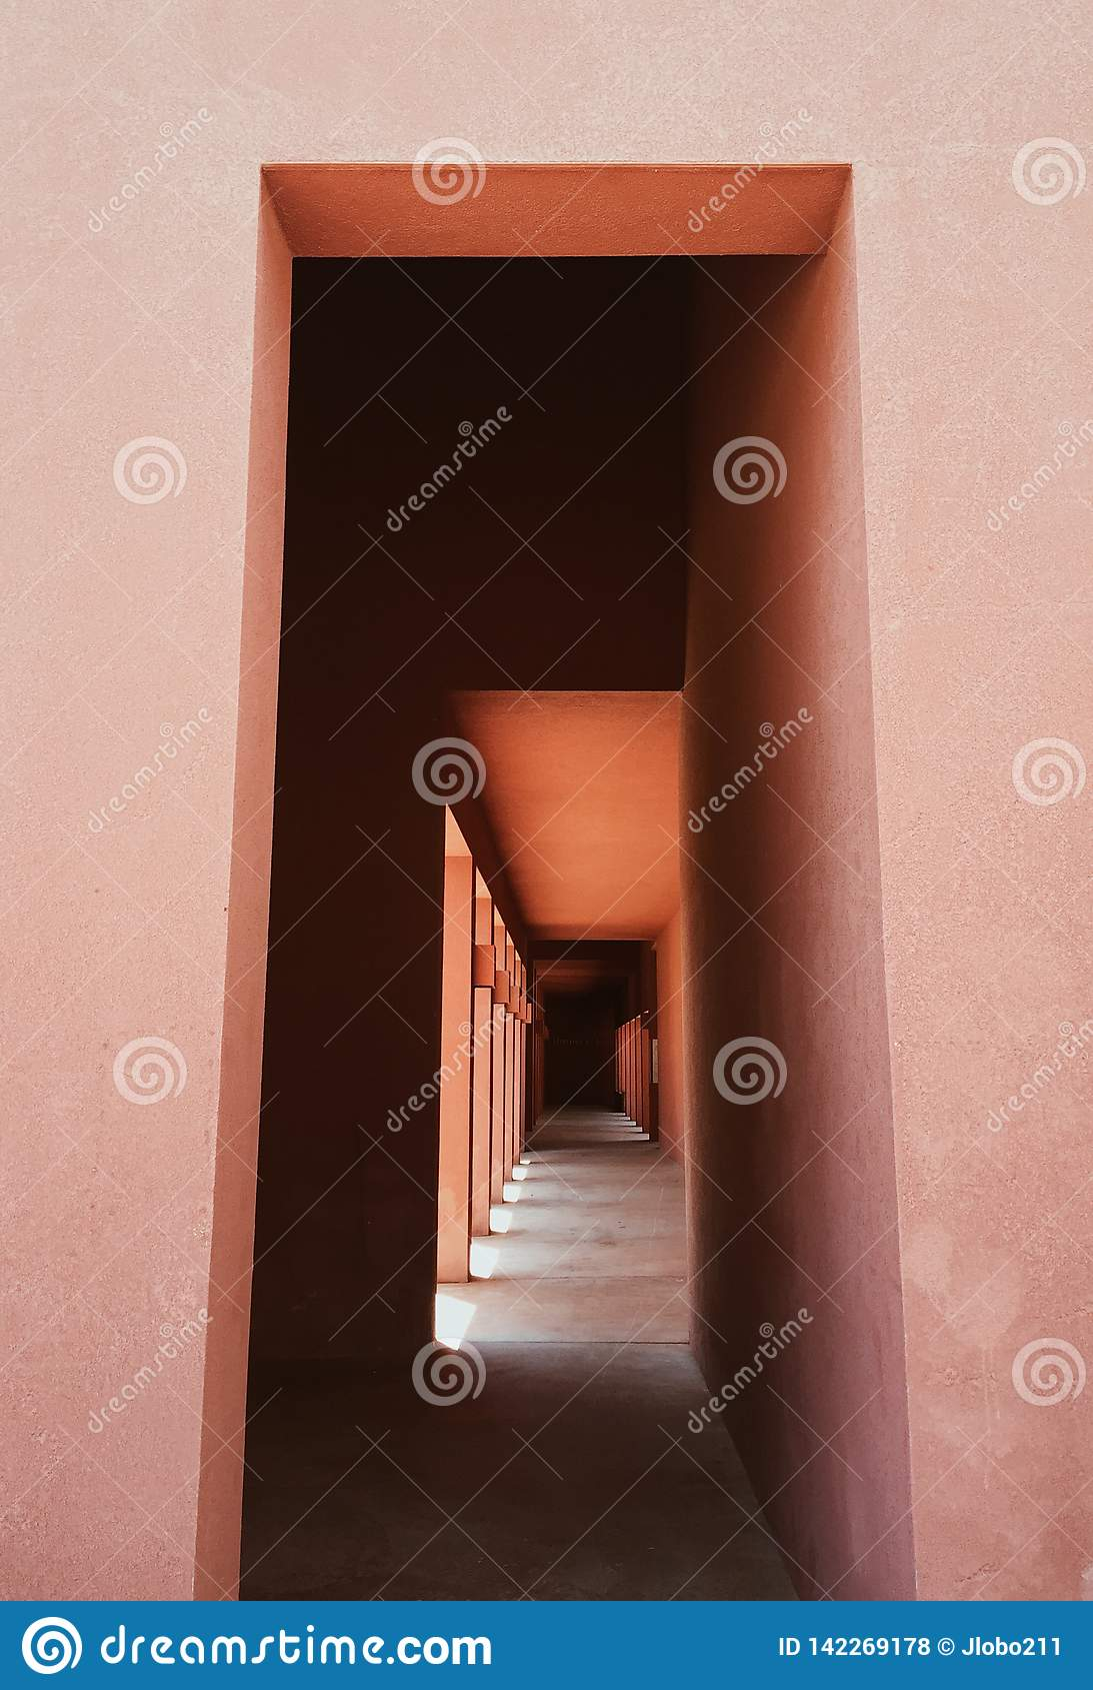 Detalles arquitectónicos de un pasillo en un edificio